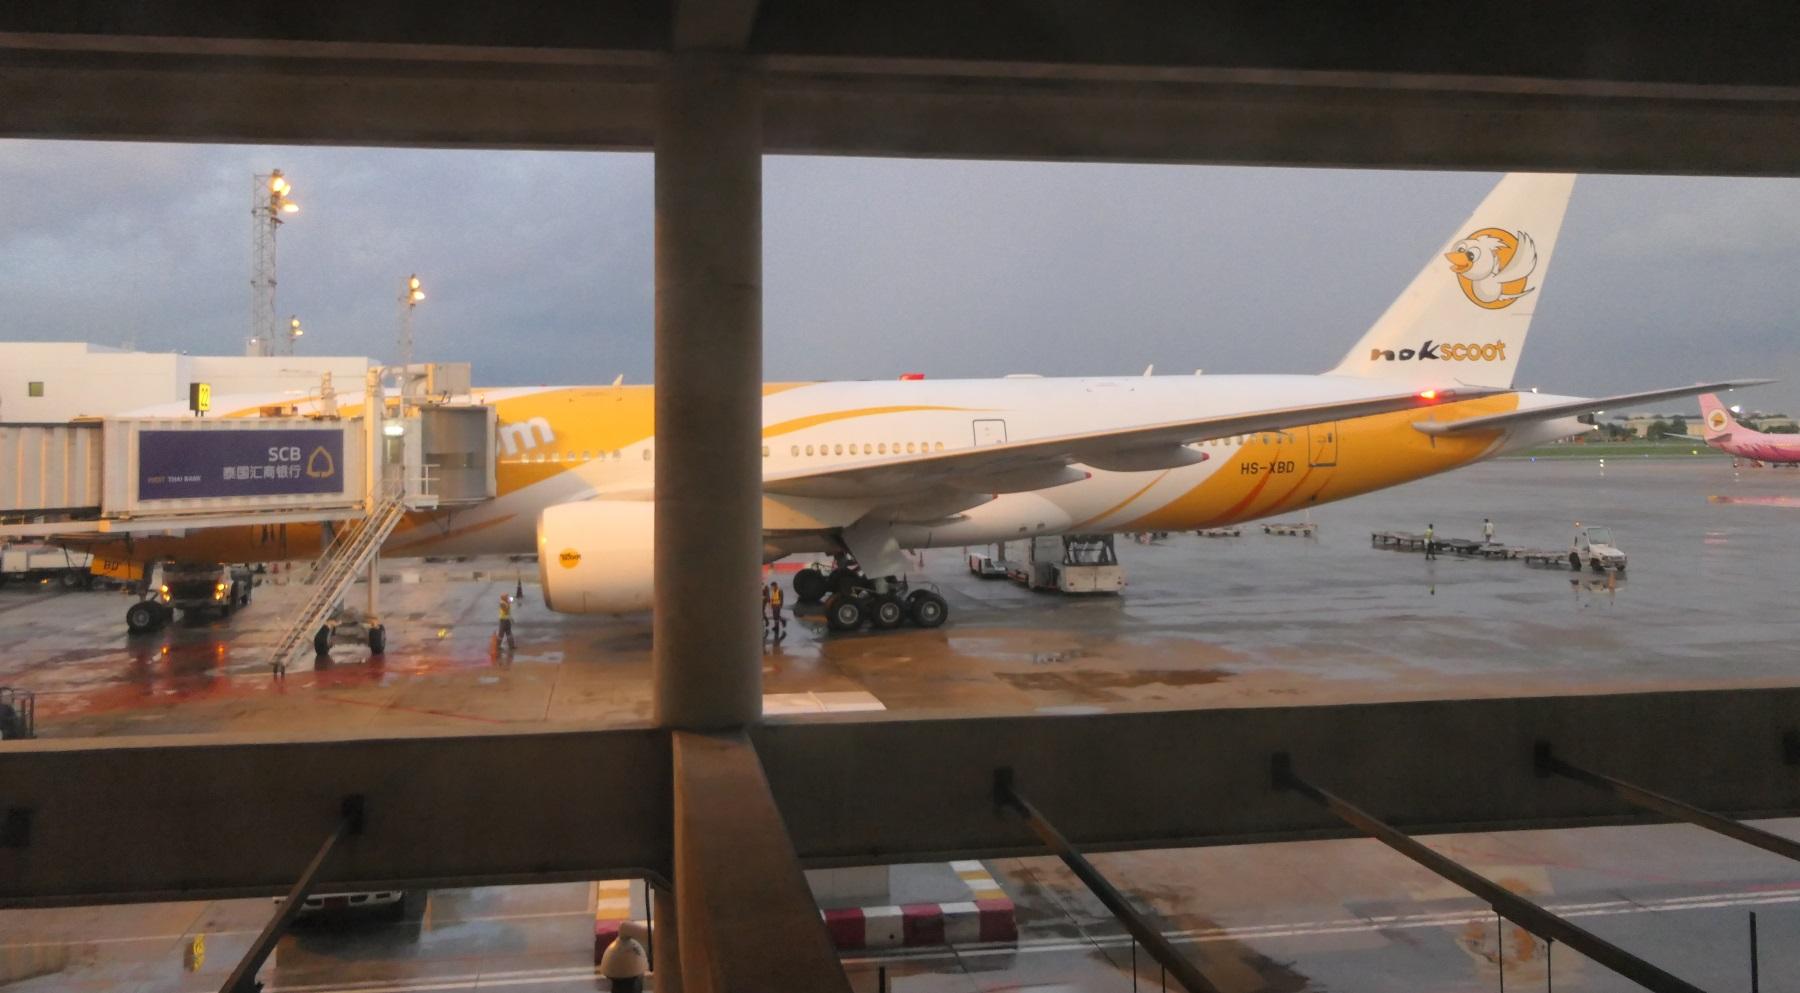 バンコクに到着するノックスクートXW101便